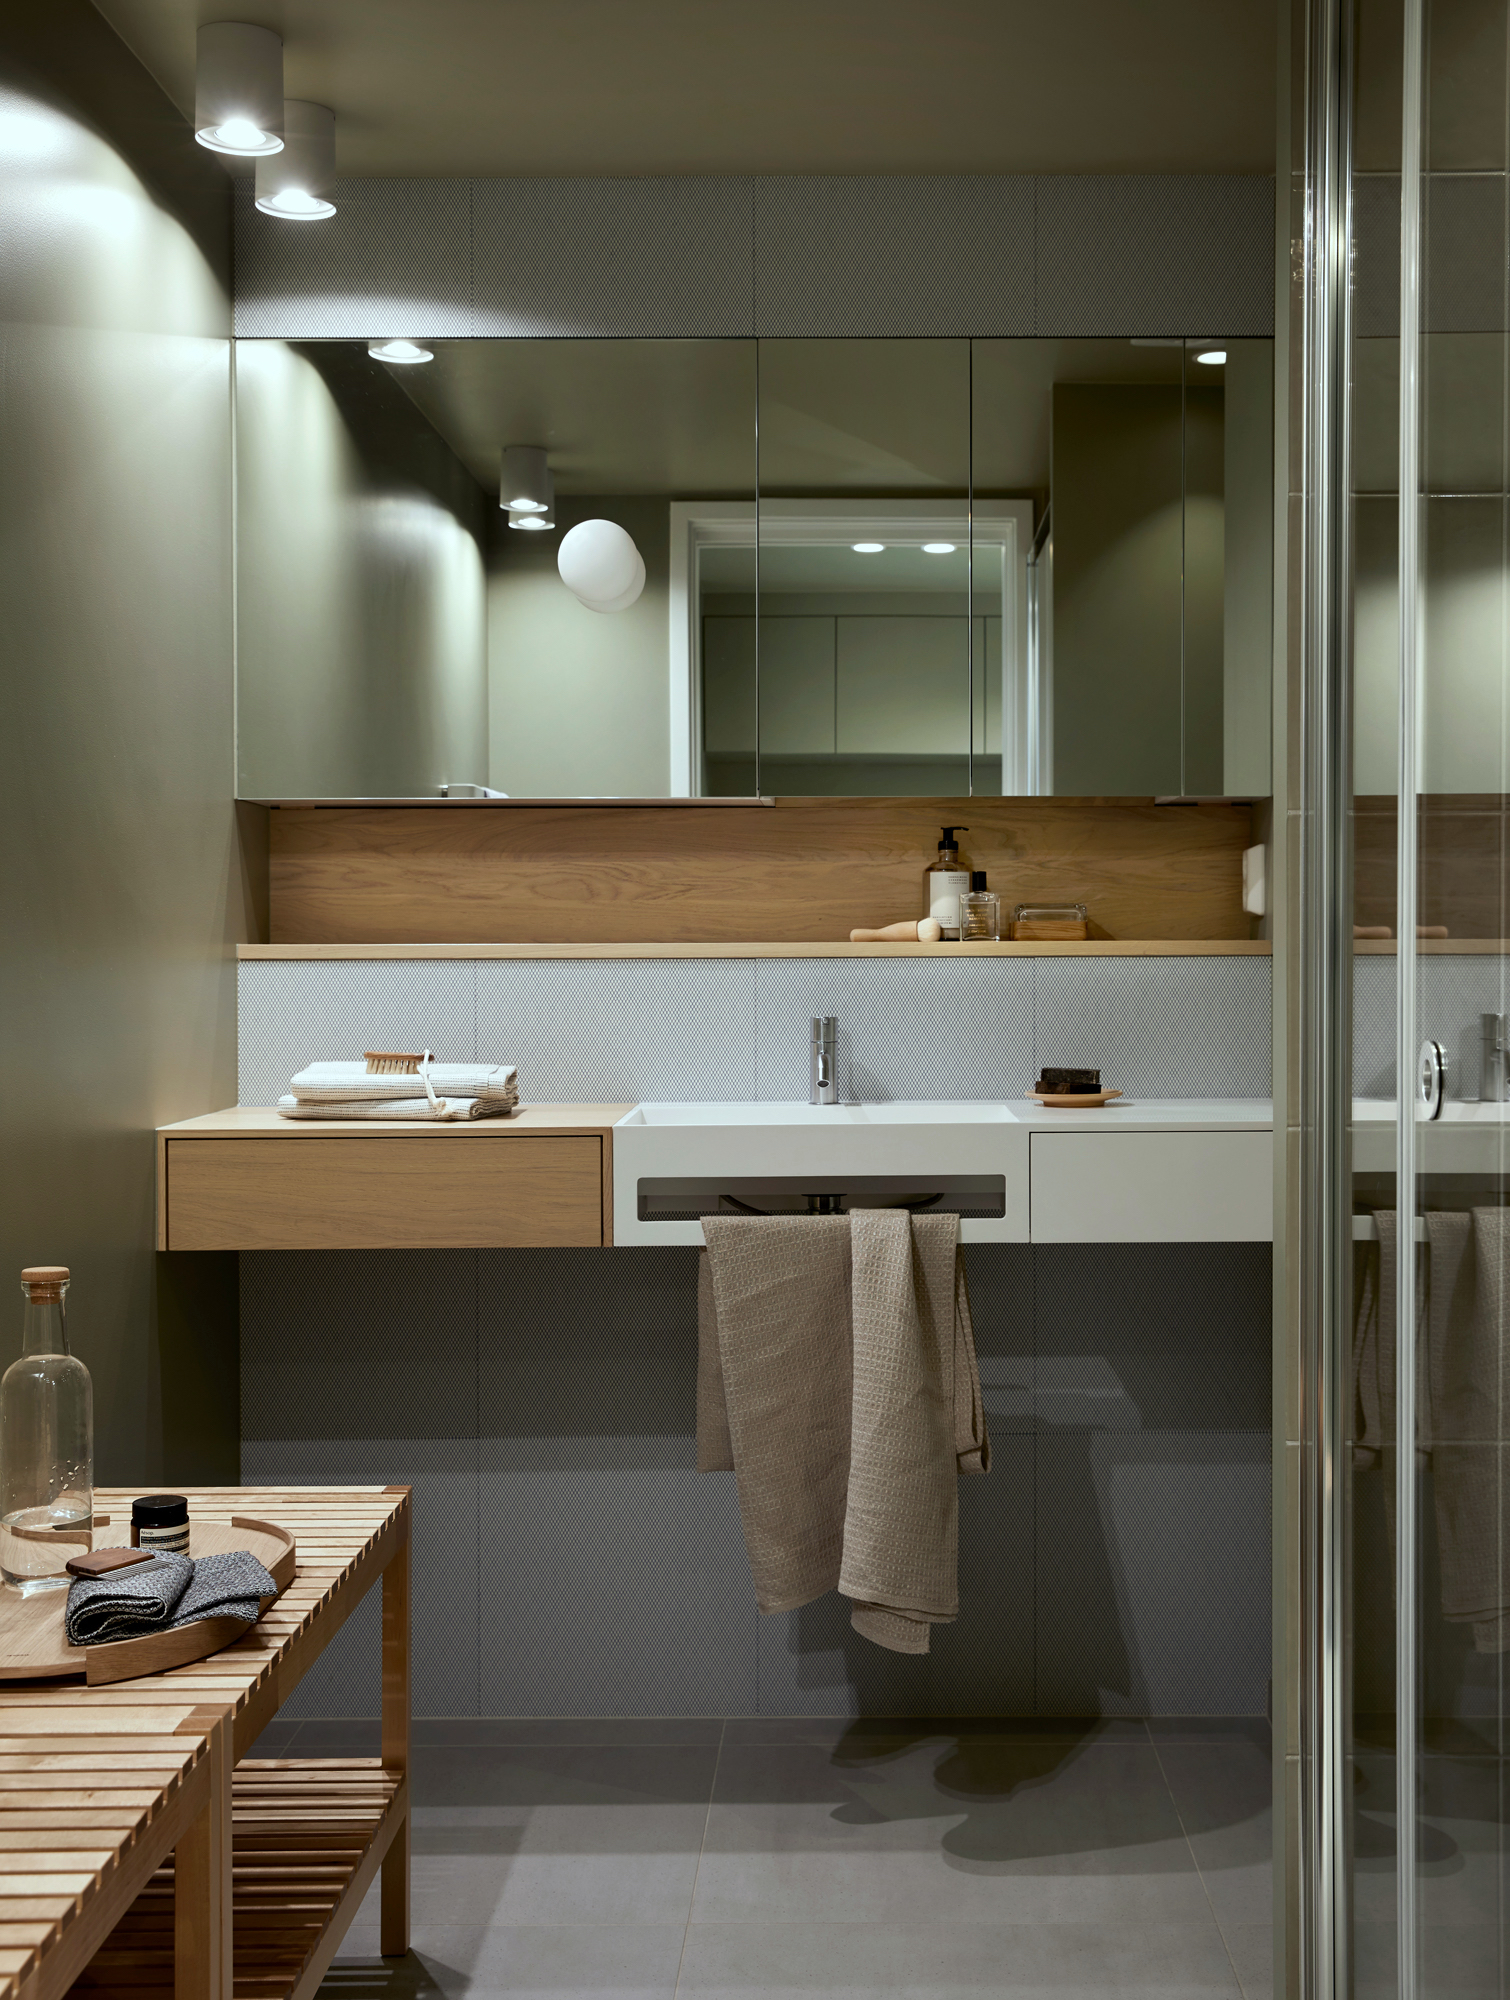 ENKLERE HVERDAGSLIV. Oppussing av bad og nytt vaskerom med en estetisk helhet og smarte løsninger for en enklere hverdag.